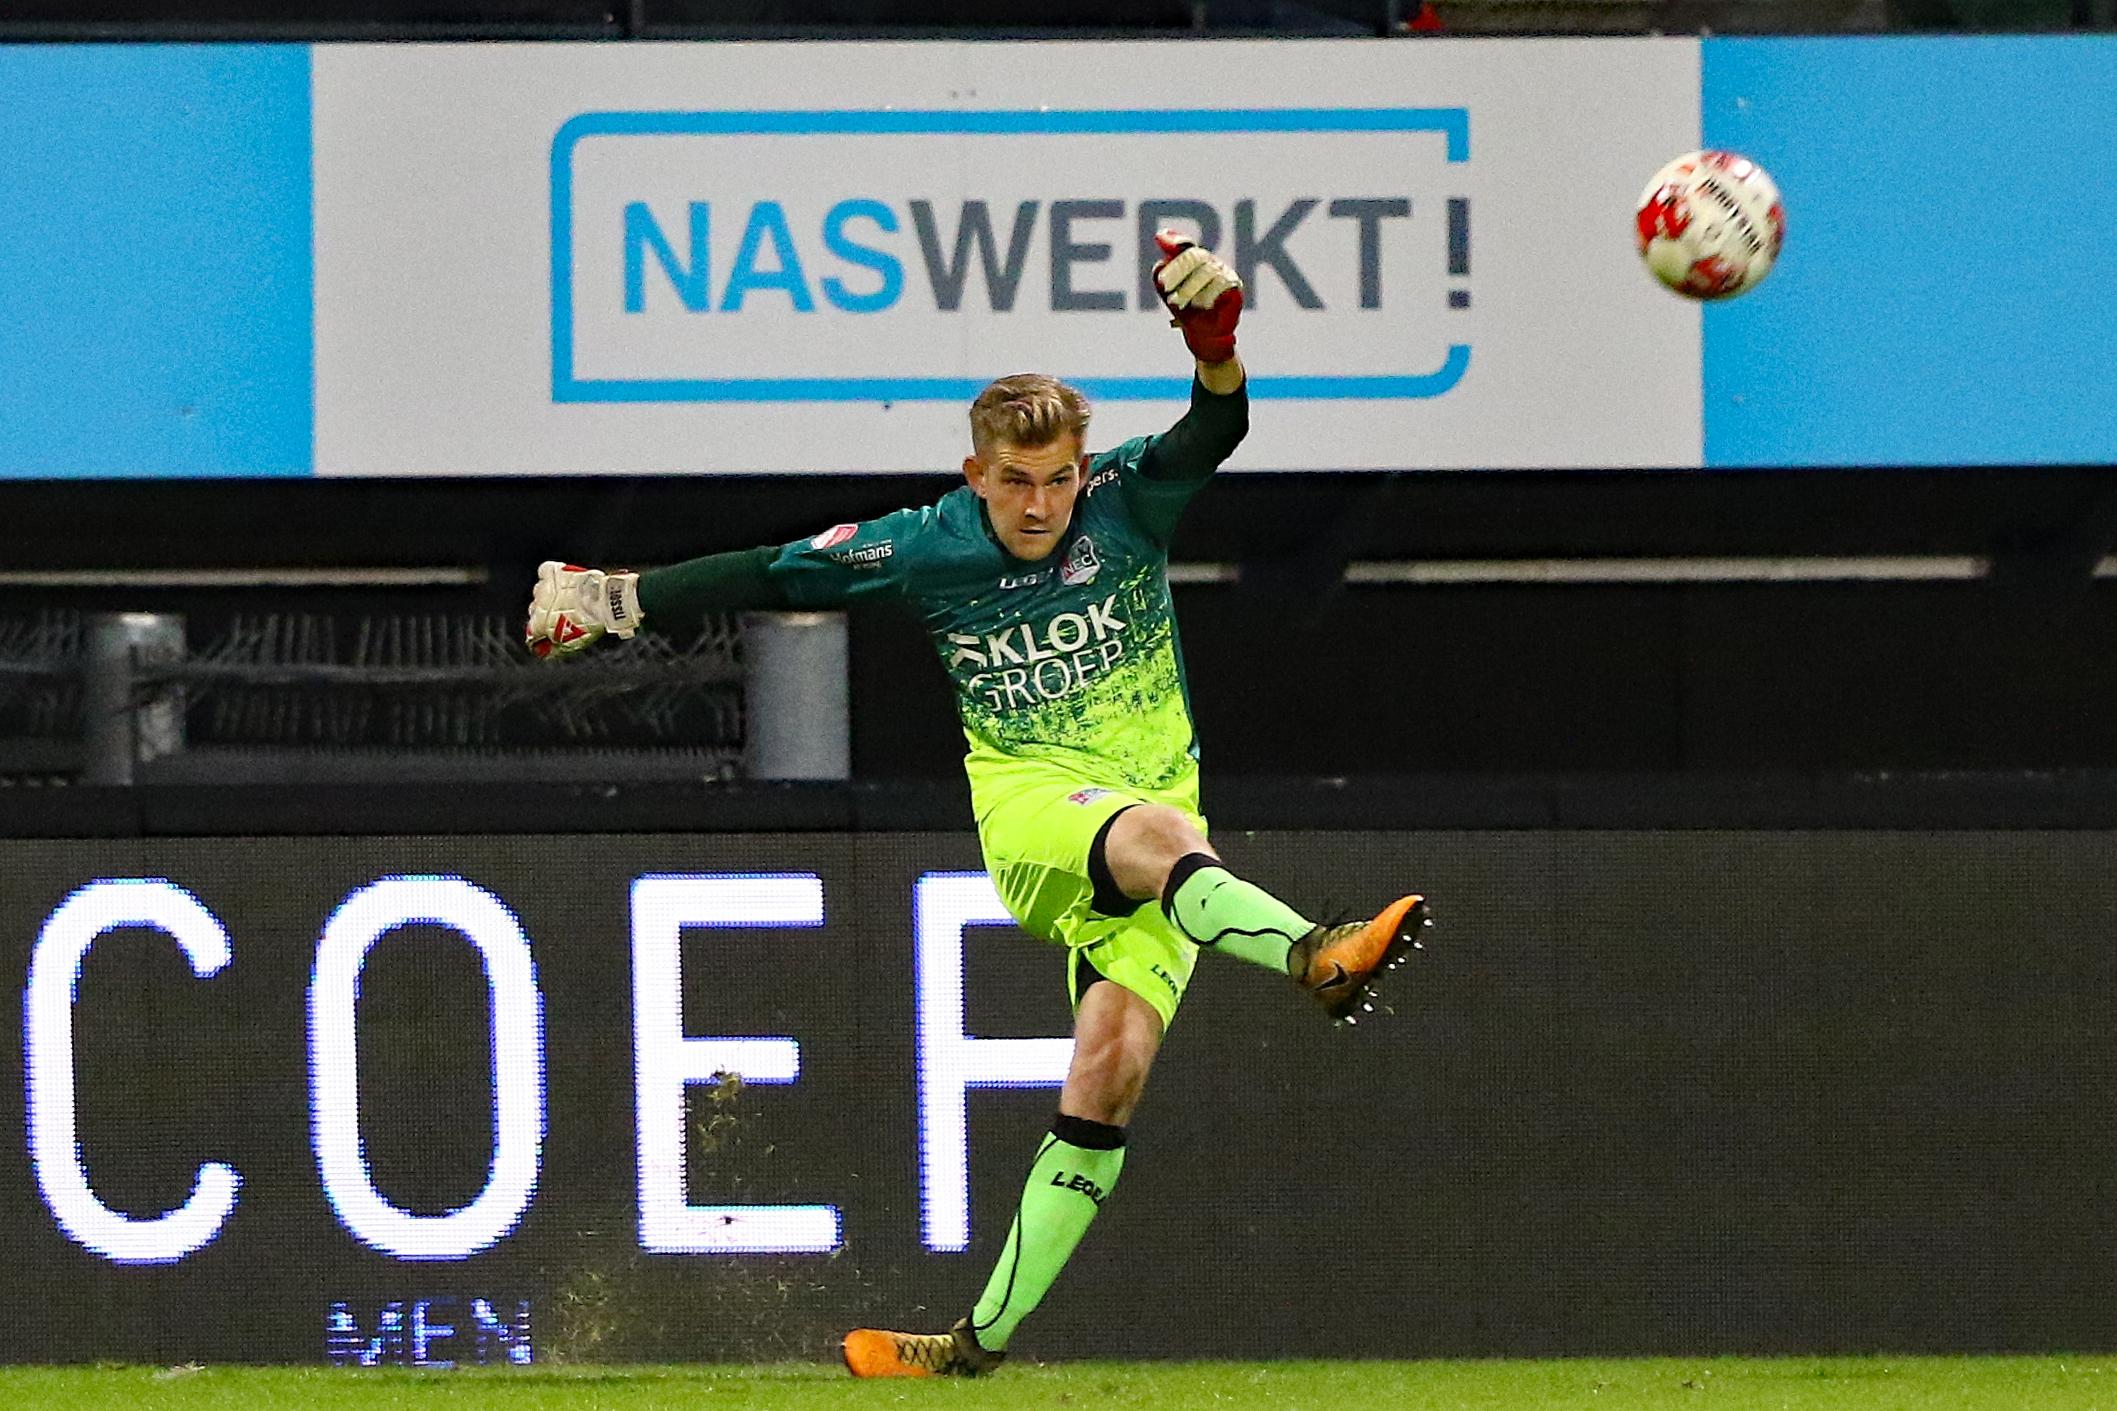 De Opstelling: Branderhorst twijfelgeval voor duel met Jong FC Utrecht